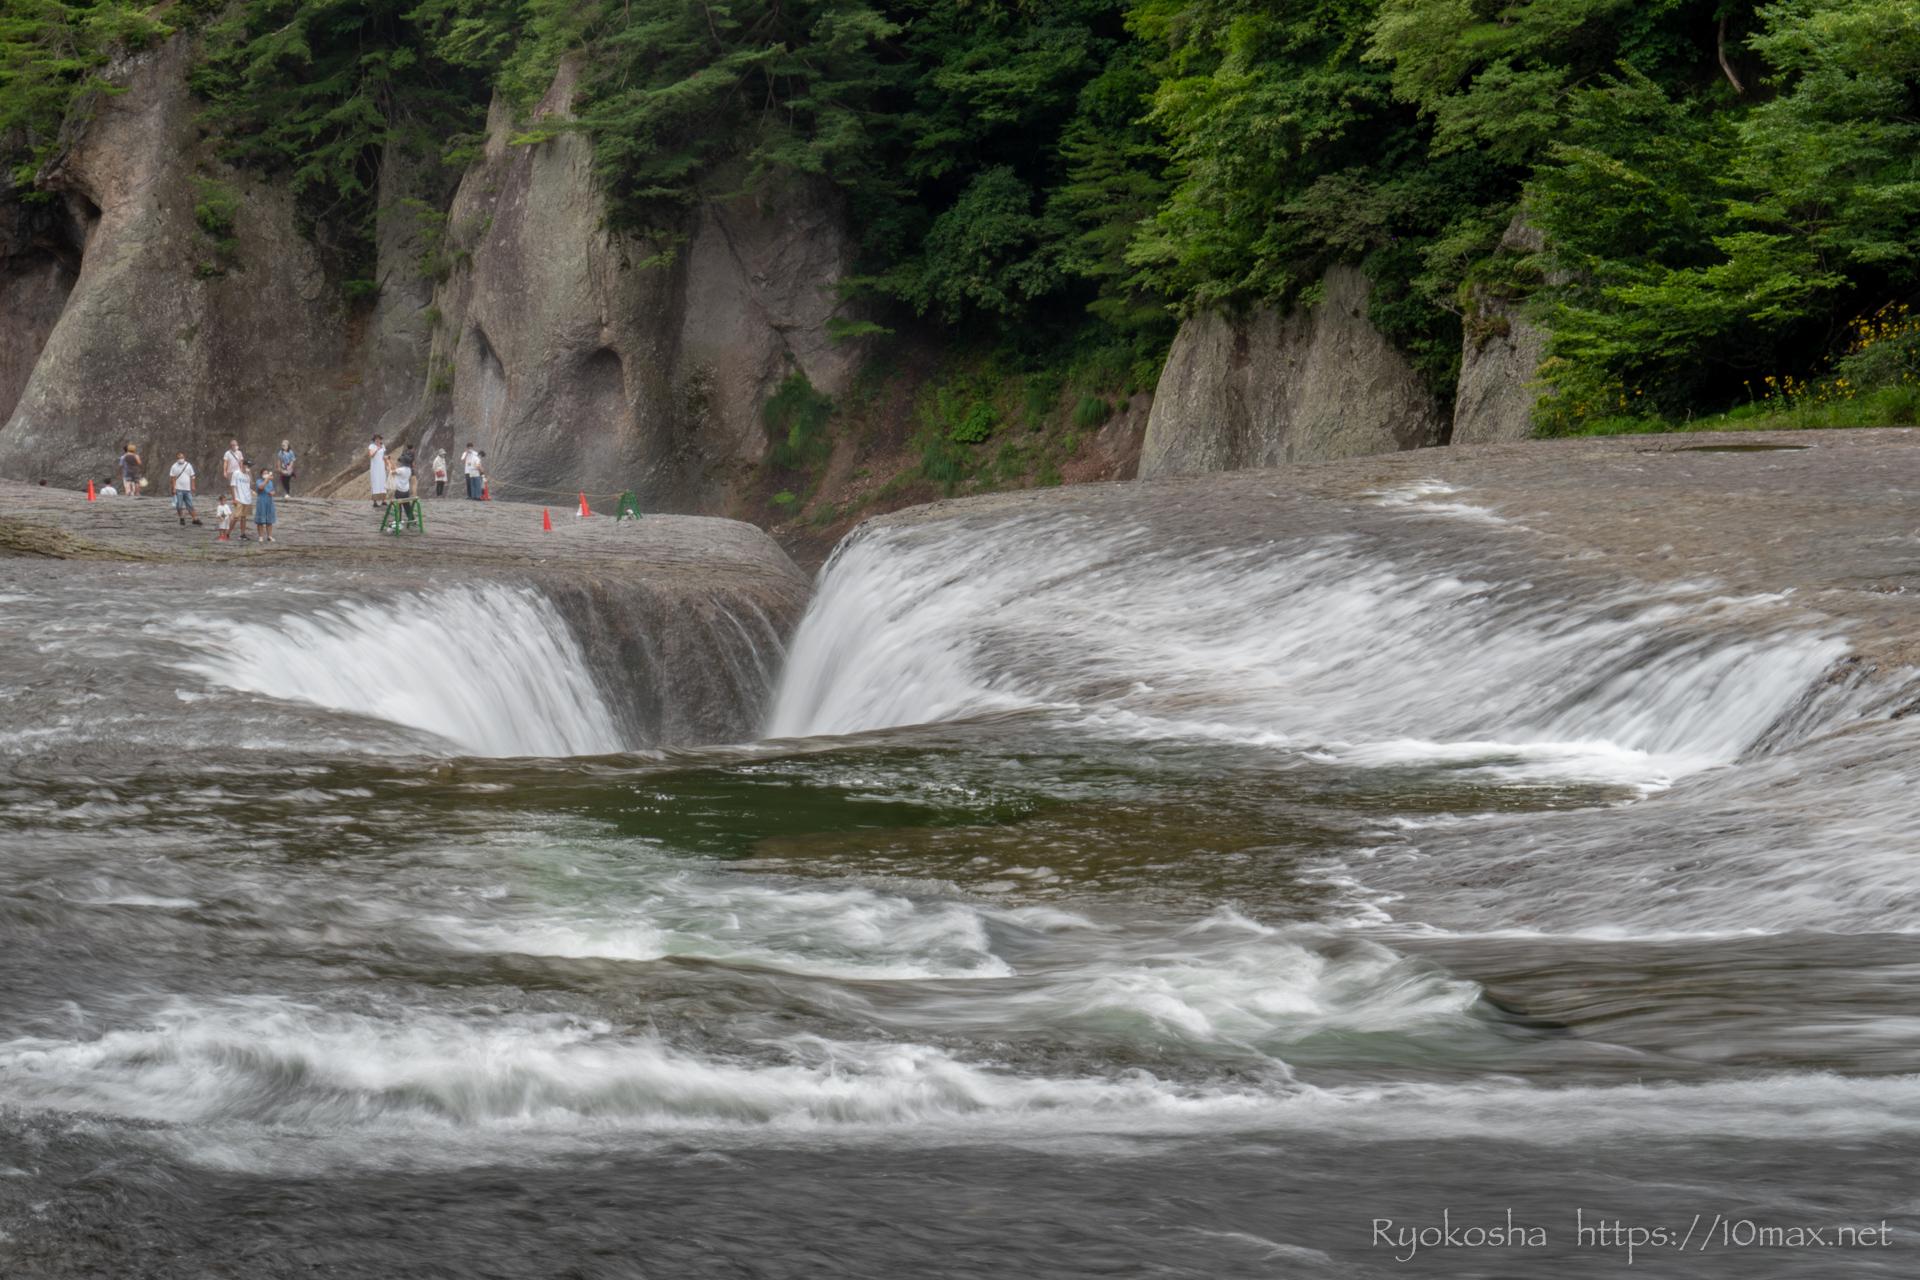 群馬県 沼田市 吹割の滝 東洋のナイアガラ